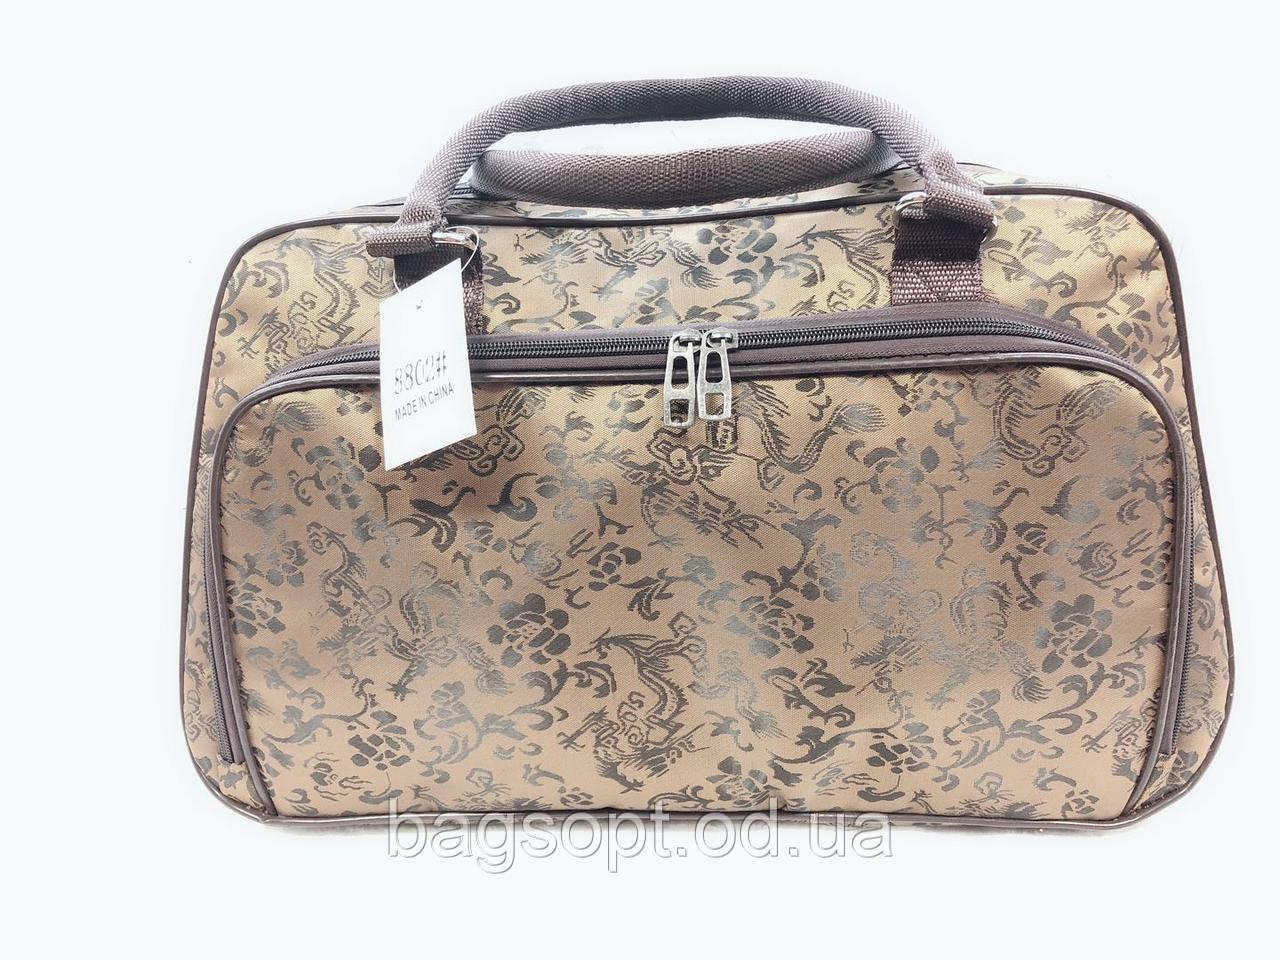 Коричневая женская дорожная сумка-саквояж текстильная ручная кладь